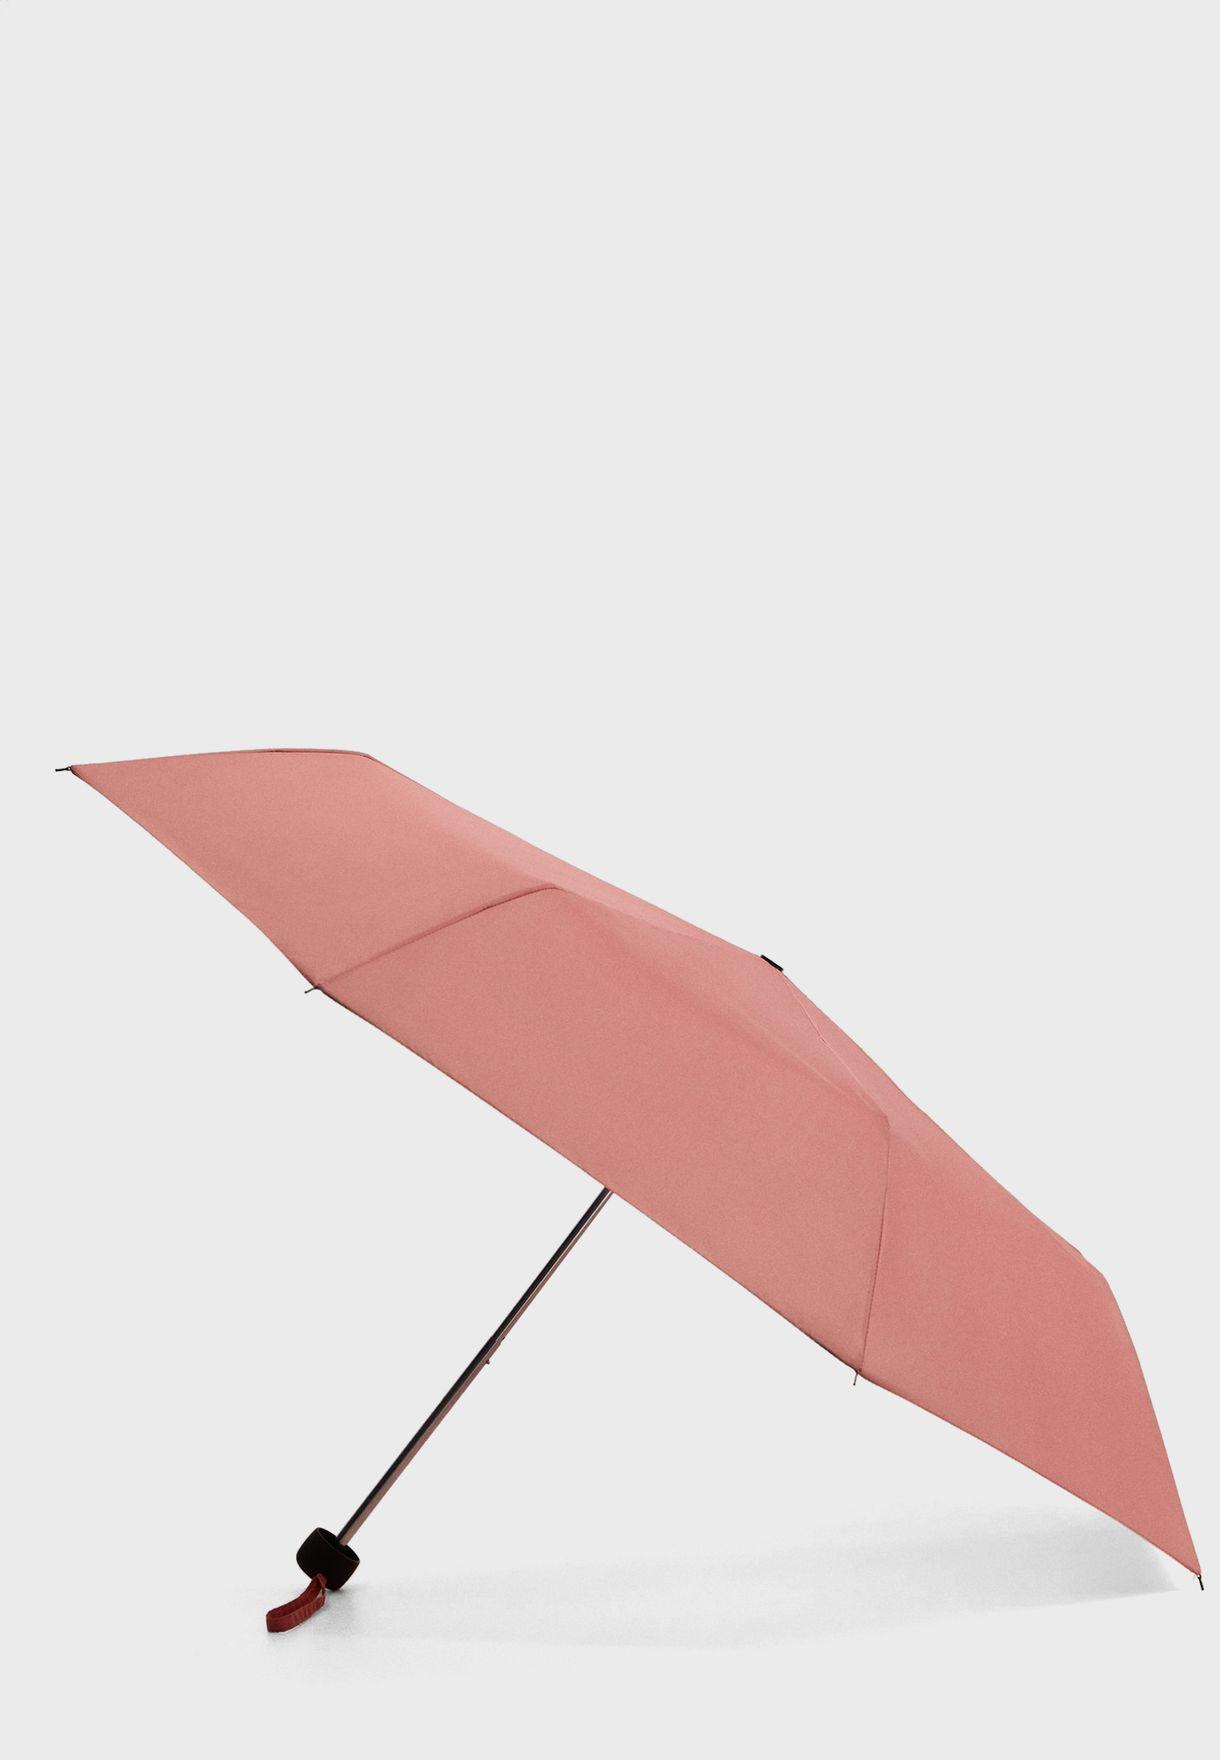 Basic Folding Umbrella